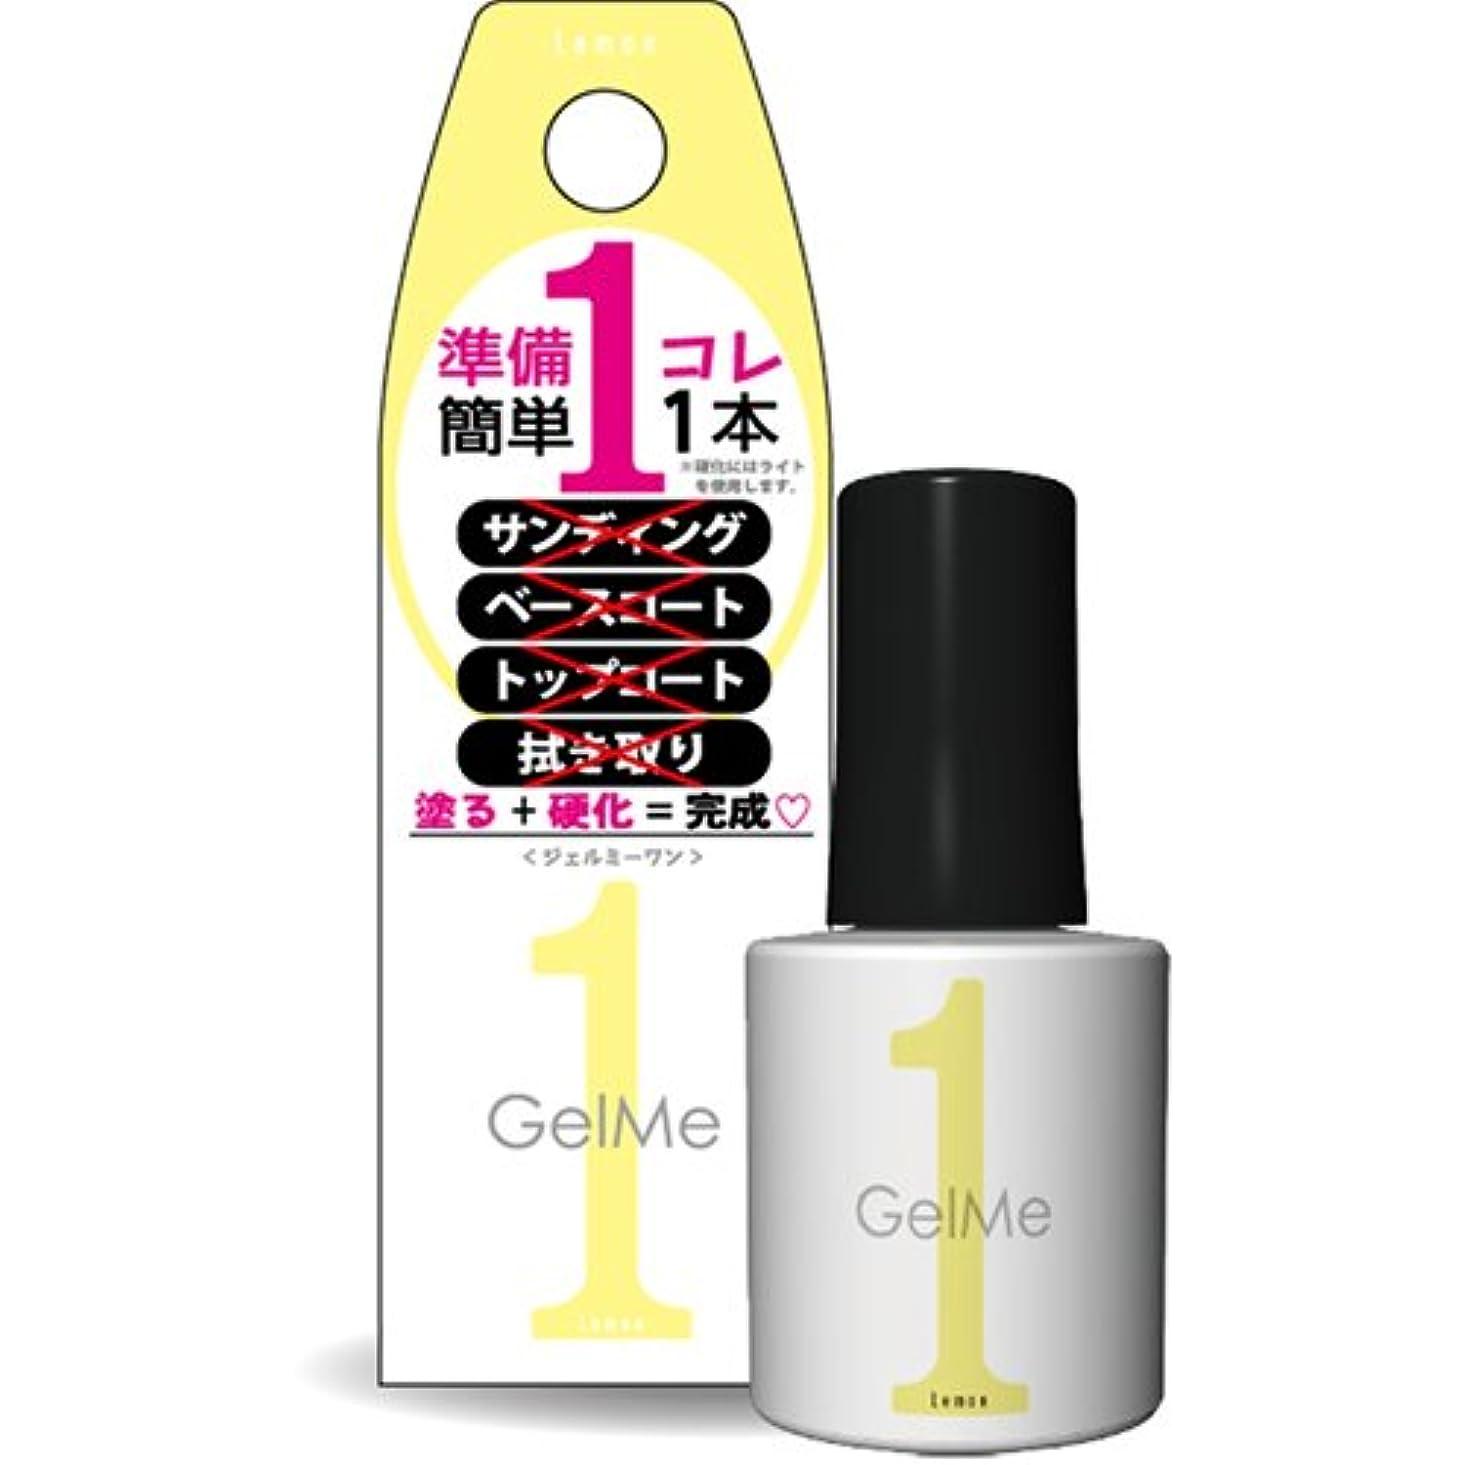 プロットトラップスリチンモイジェルミーワン(Gel Me 1) 37 レモン